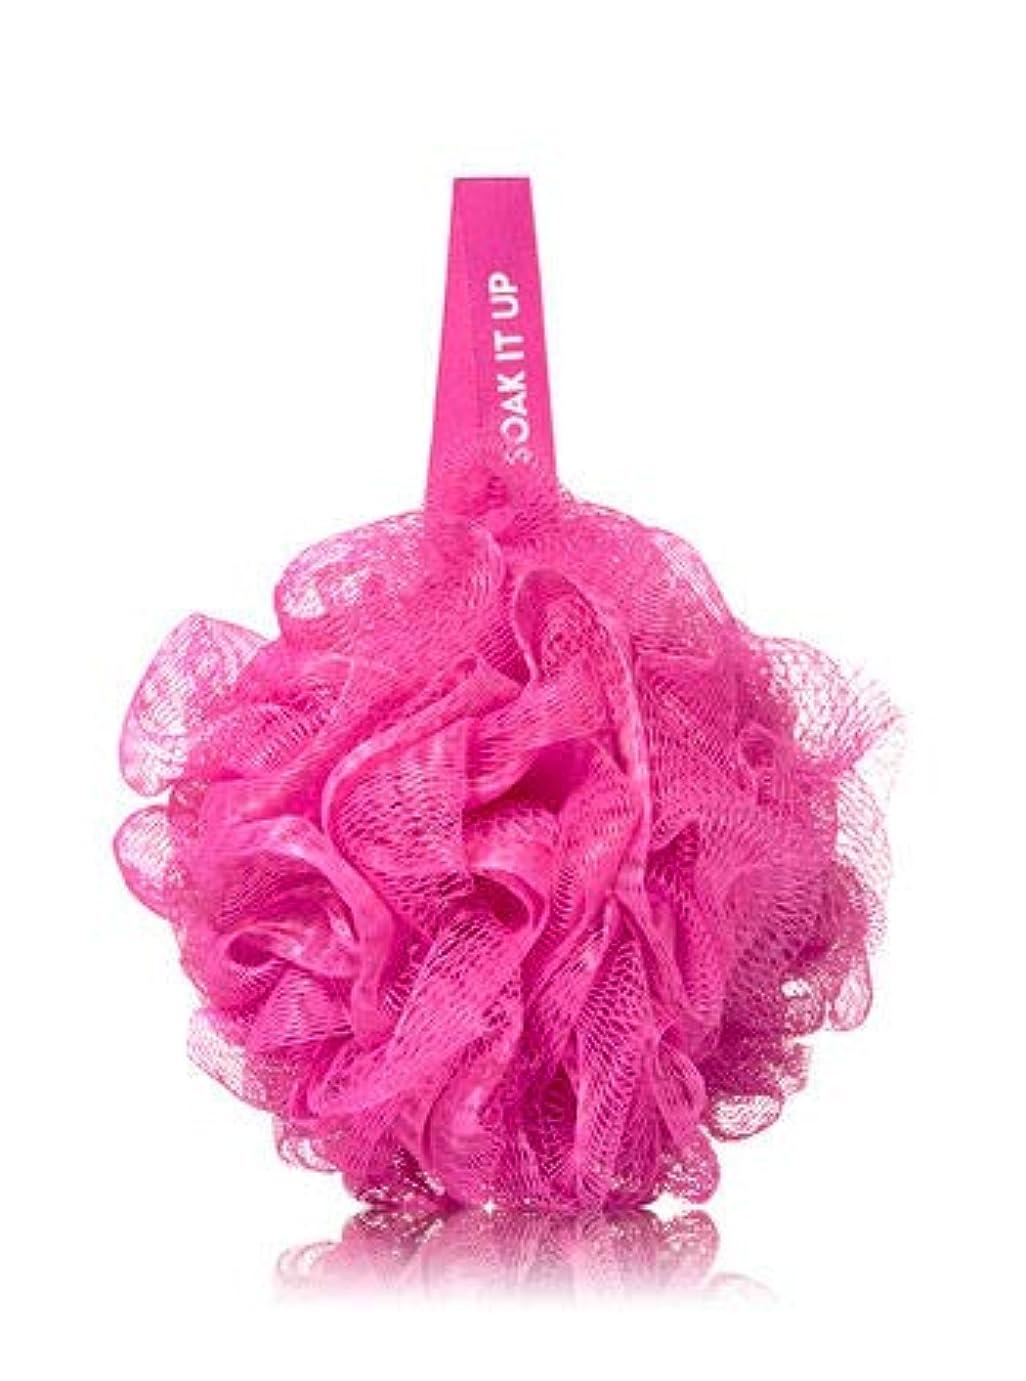 壊滅的なに賛成始まり【Bath&Body Works/バス&ボディワークス】 バススポンジ ピンク メッシュ Shower Sponge Pink Mesh バス用品 [並行輸入品]